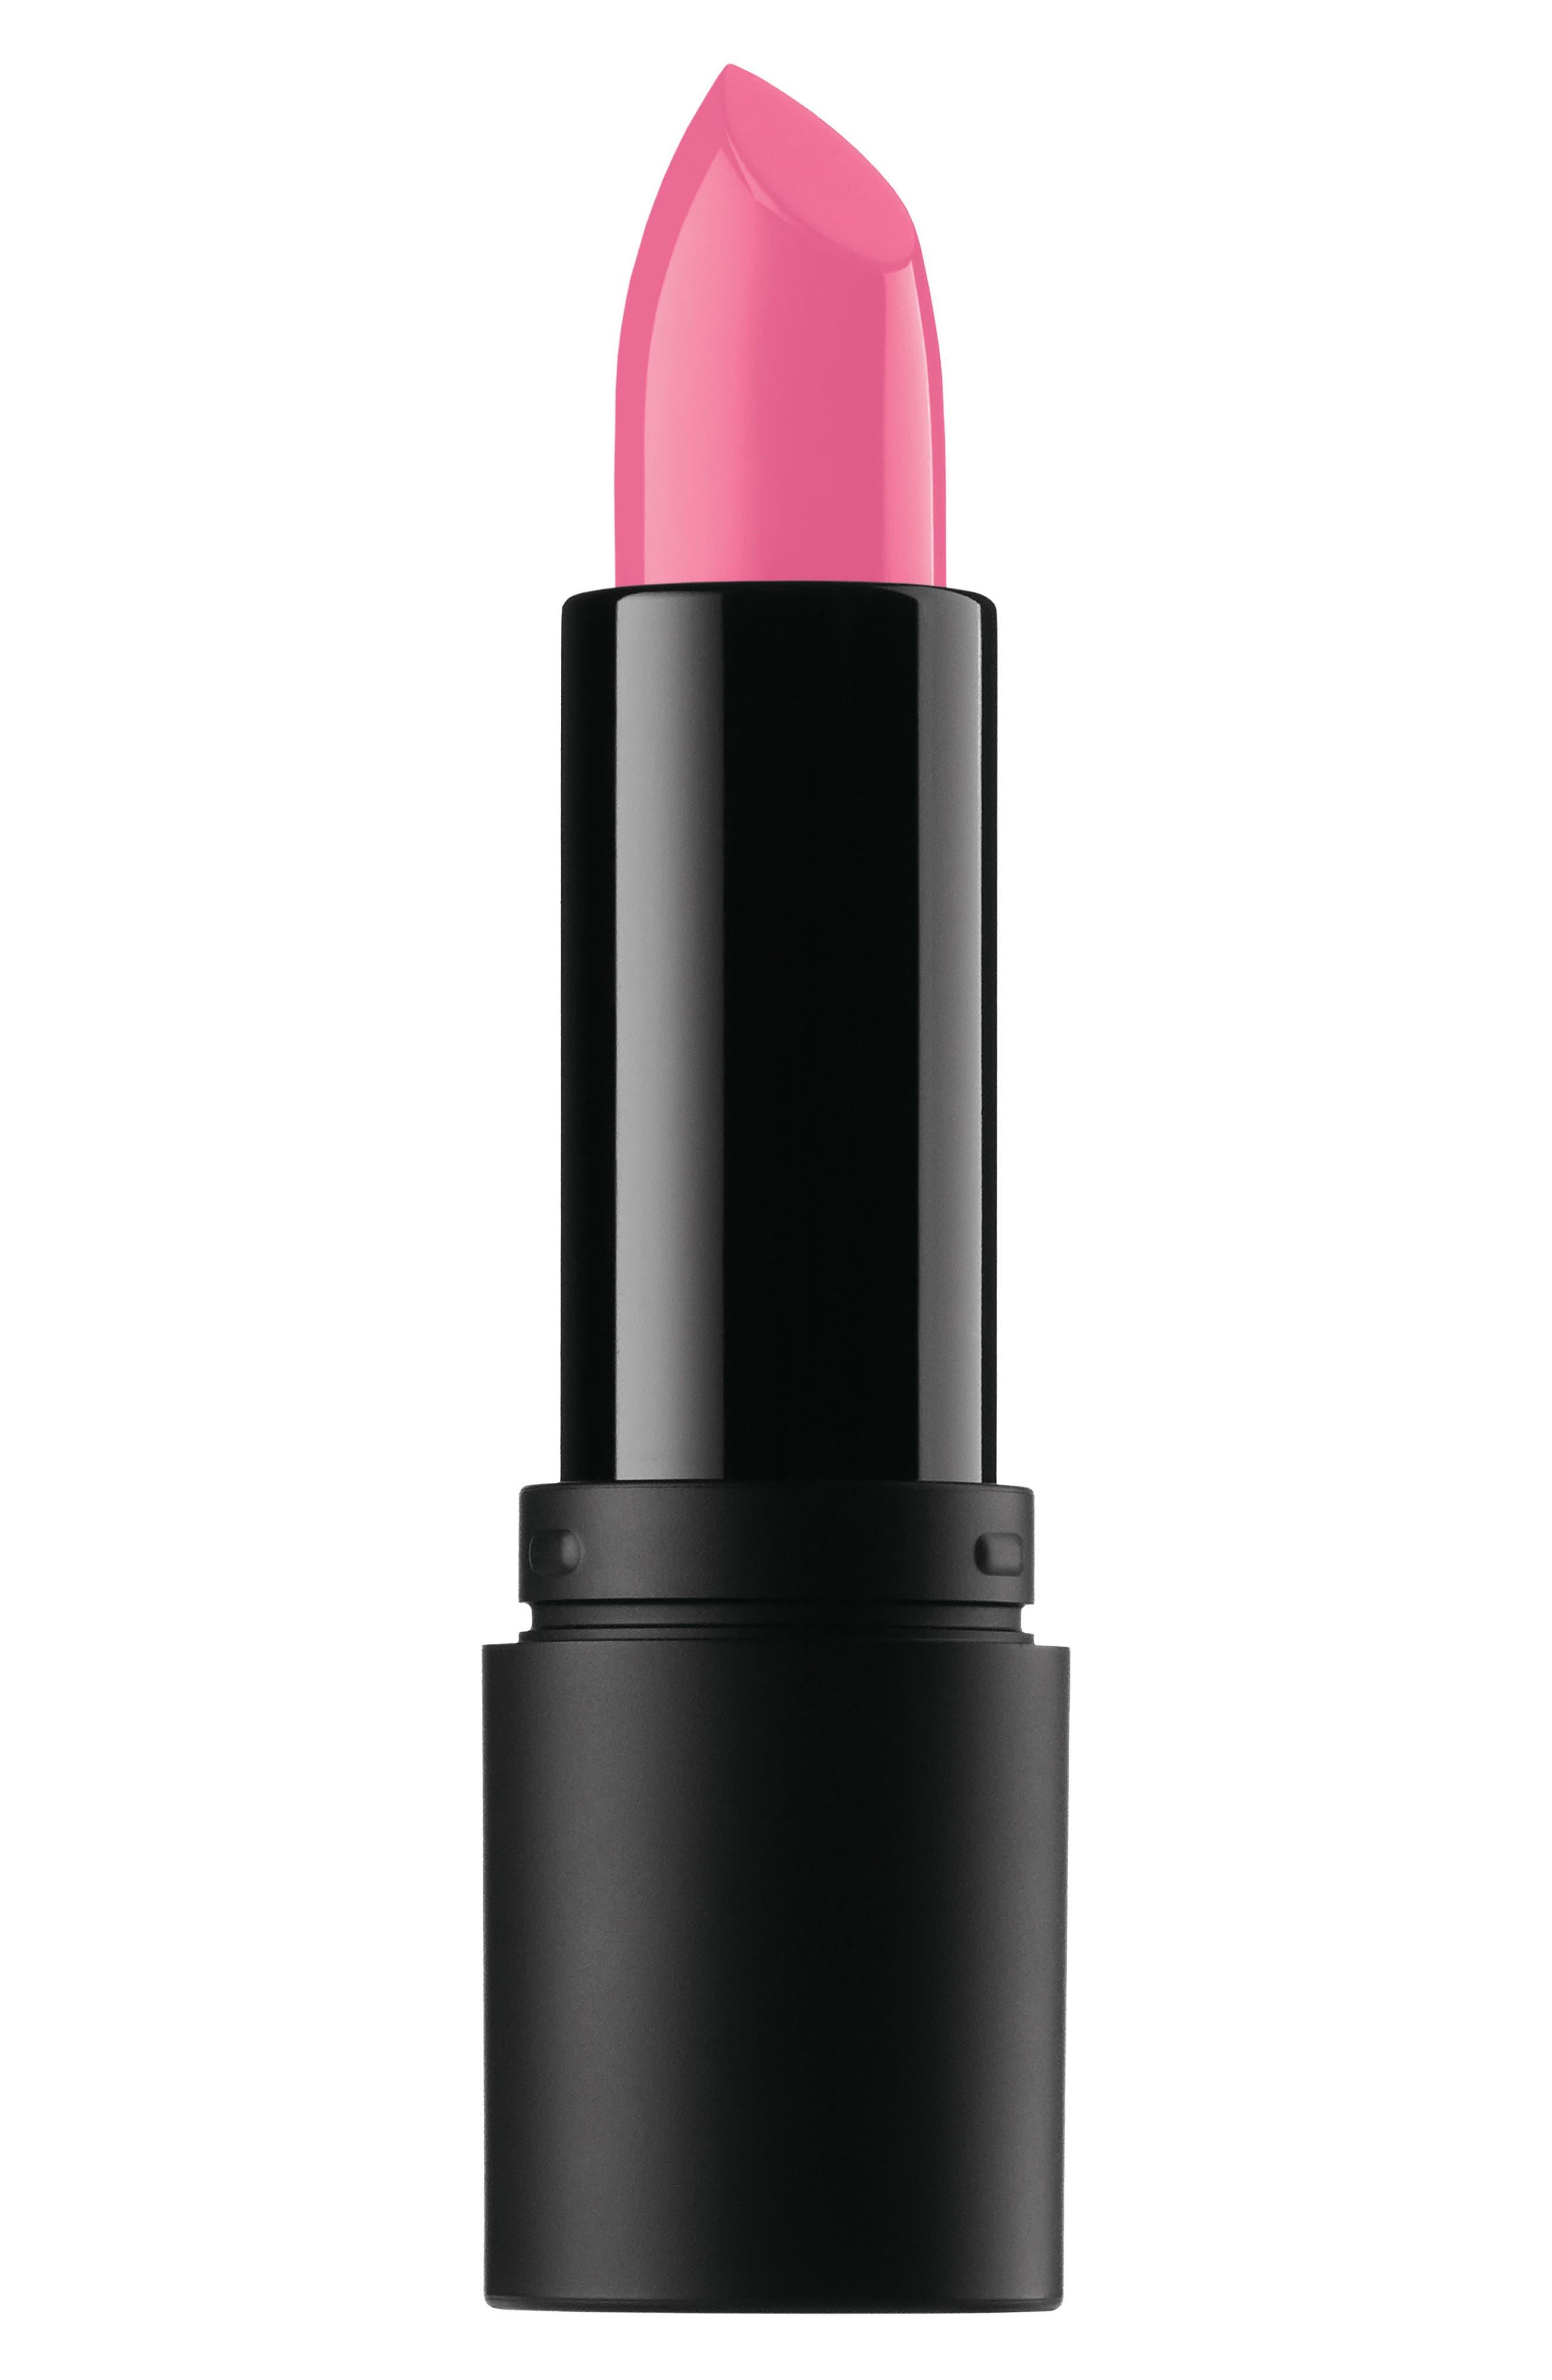 bareMinerals® Statement™ Luxe Shine Lipstick